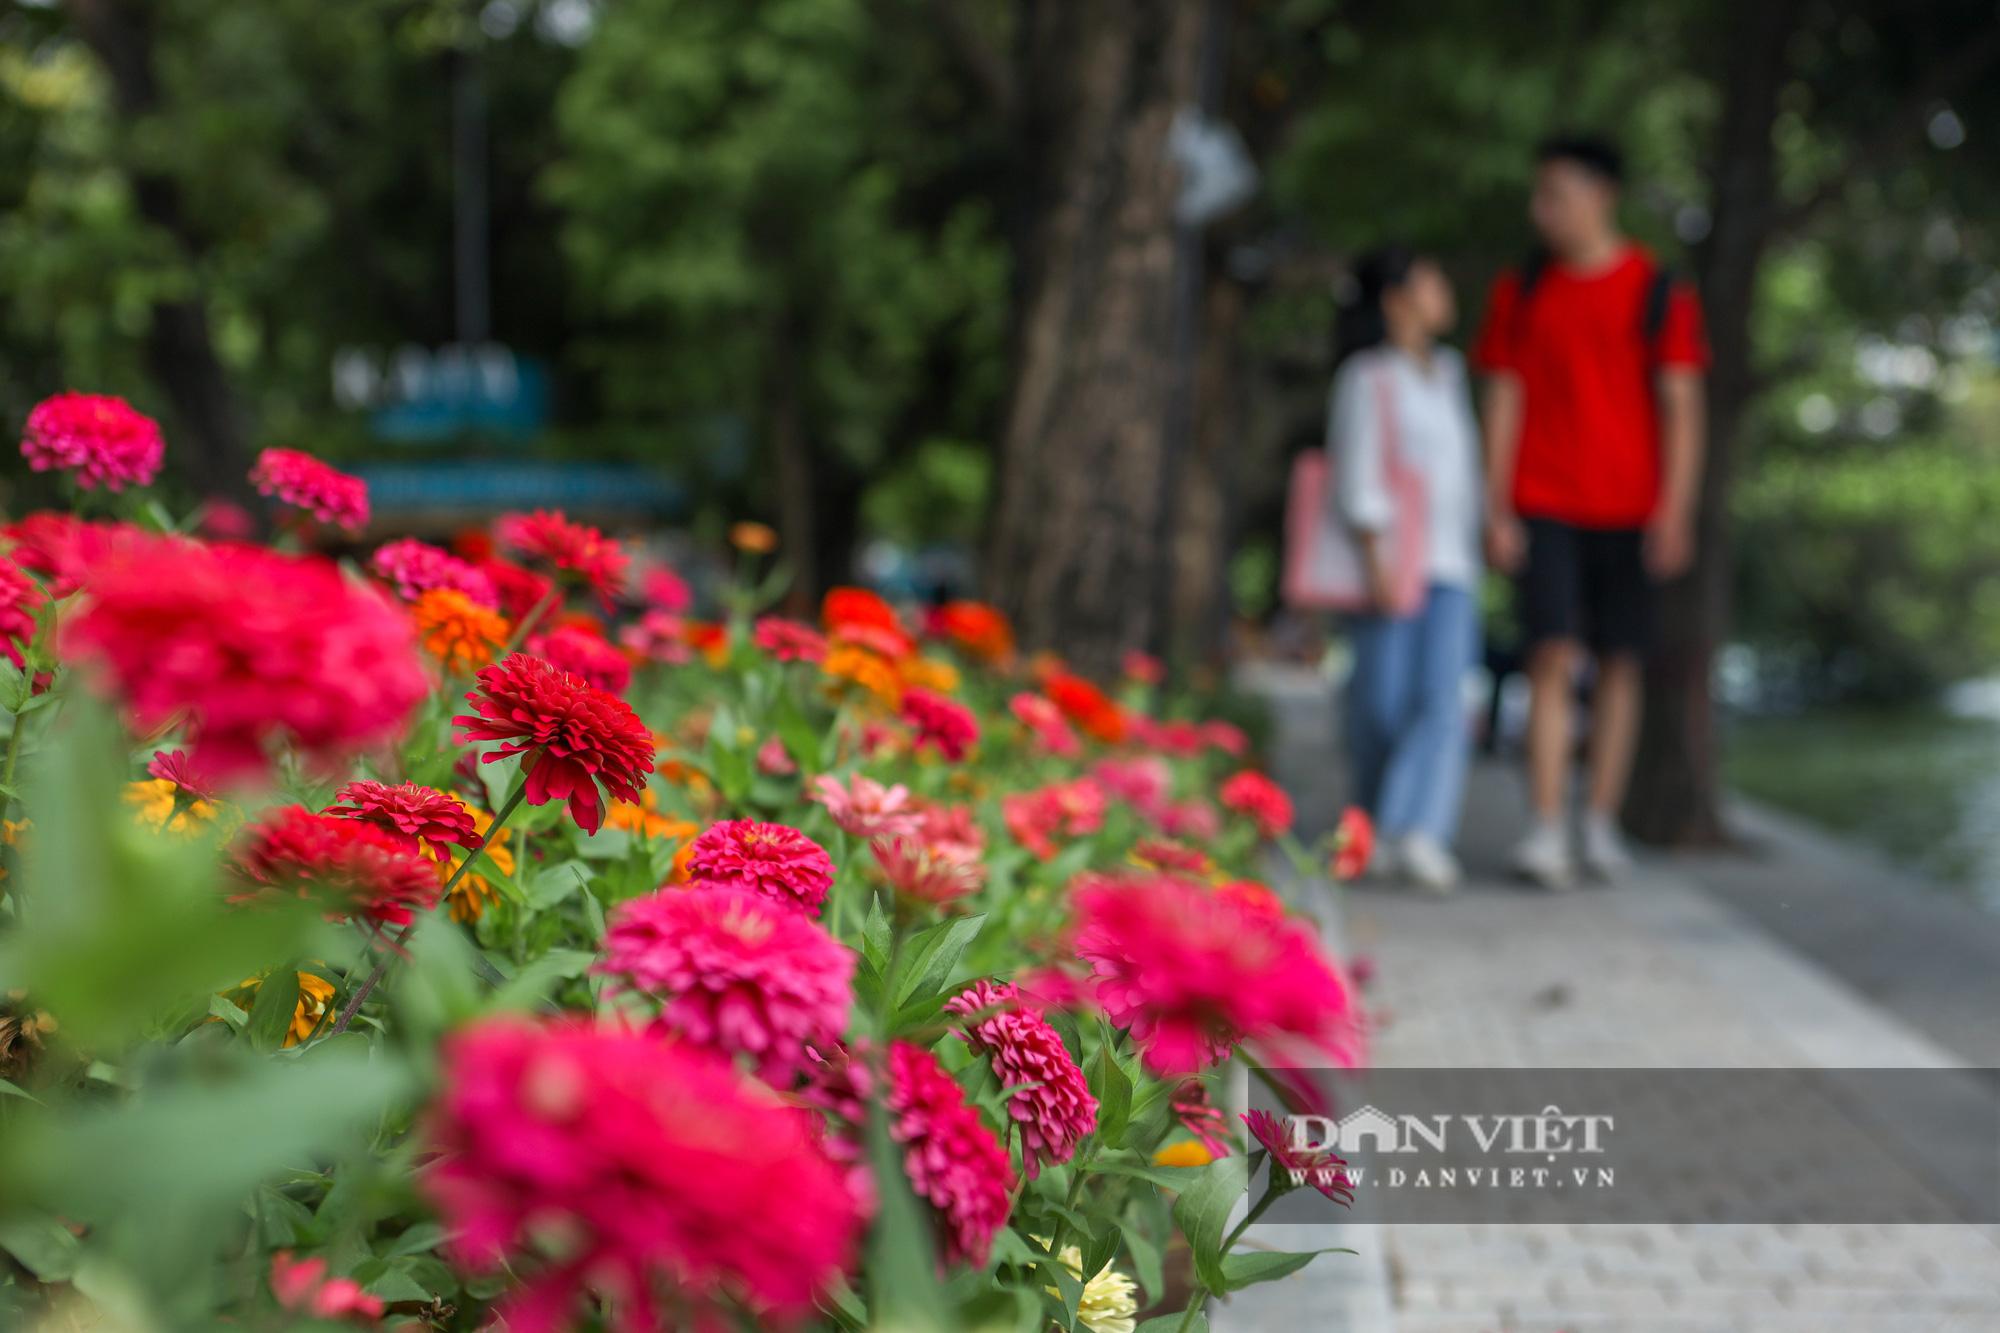 Chiêm ngưỡng vườn hoa mới đẹp ngỡ ngàng bên bờ hồ Hoàn Kiếm  - Ảnh 2.